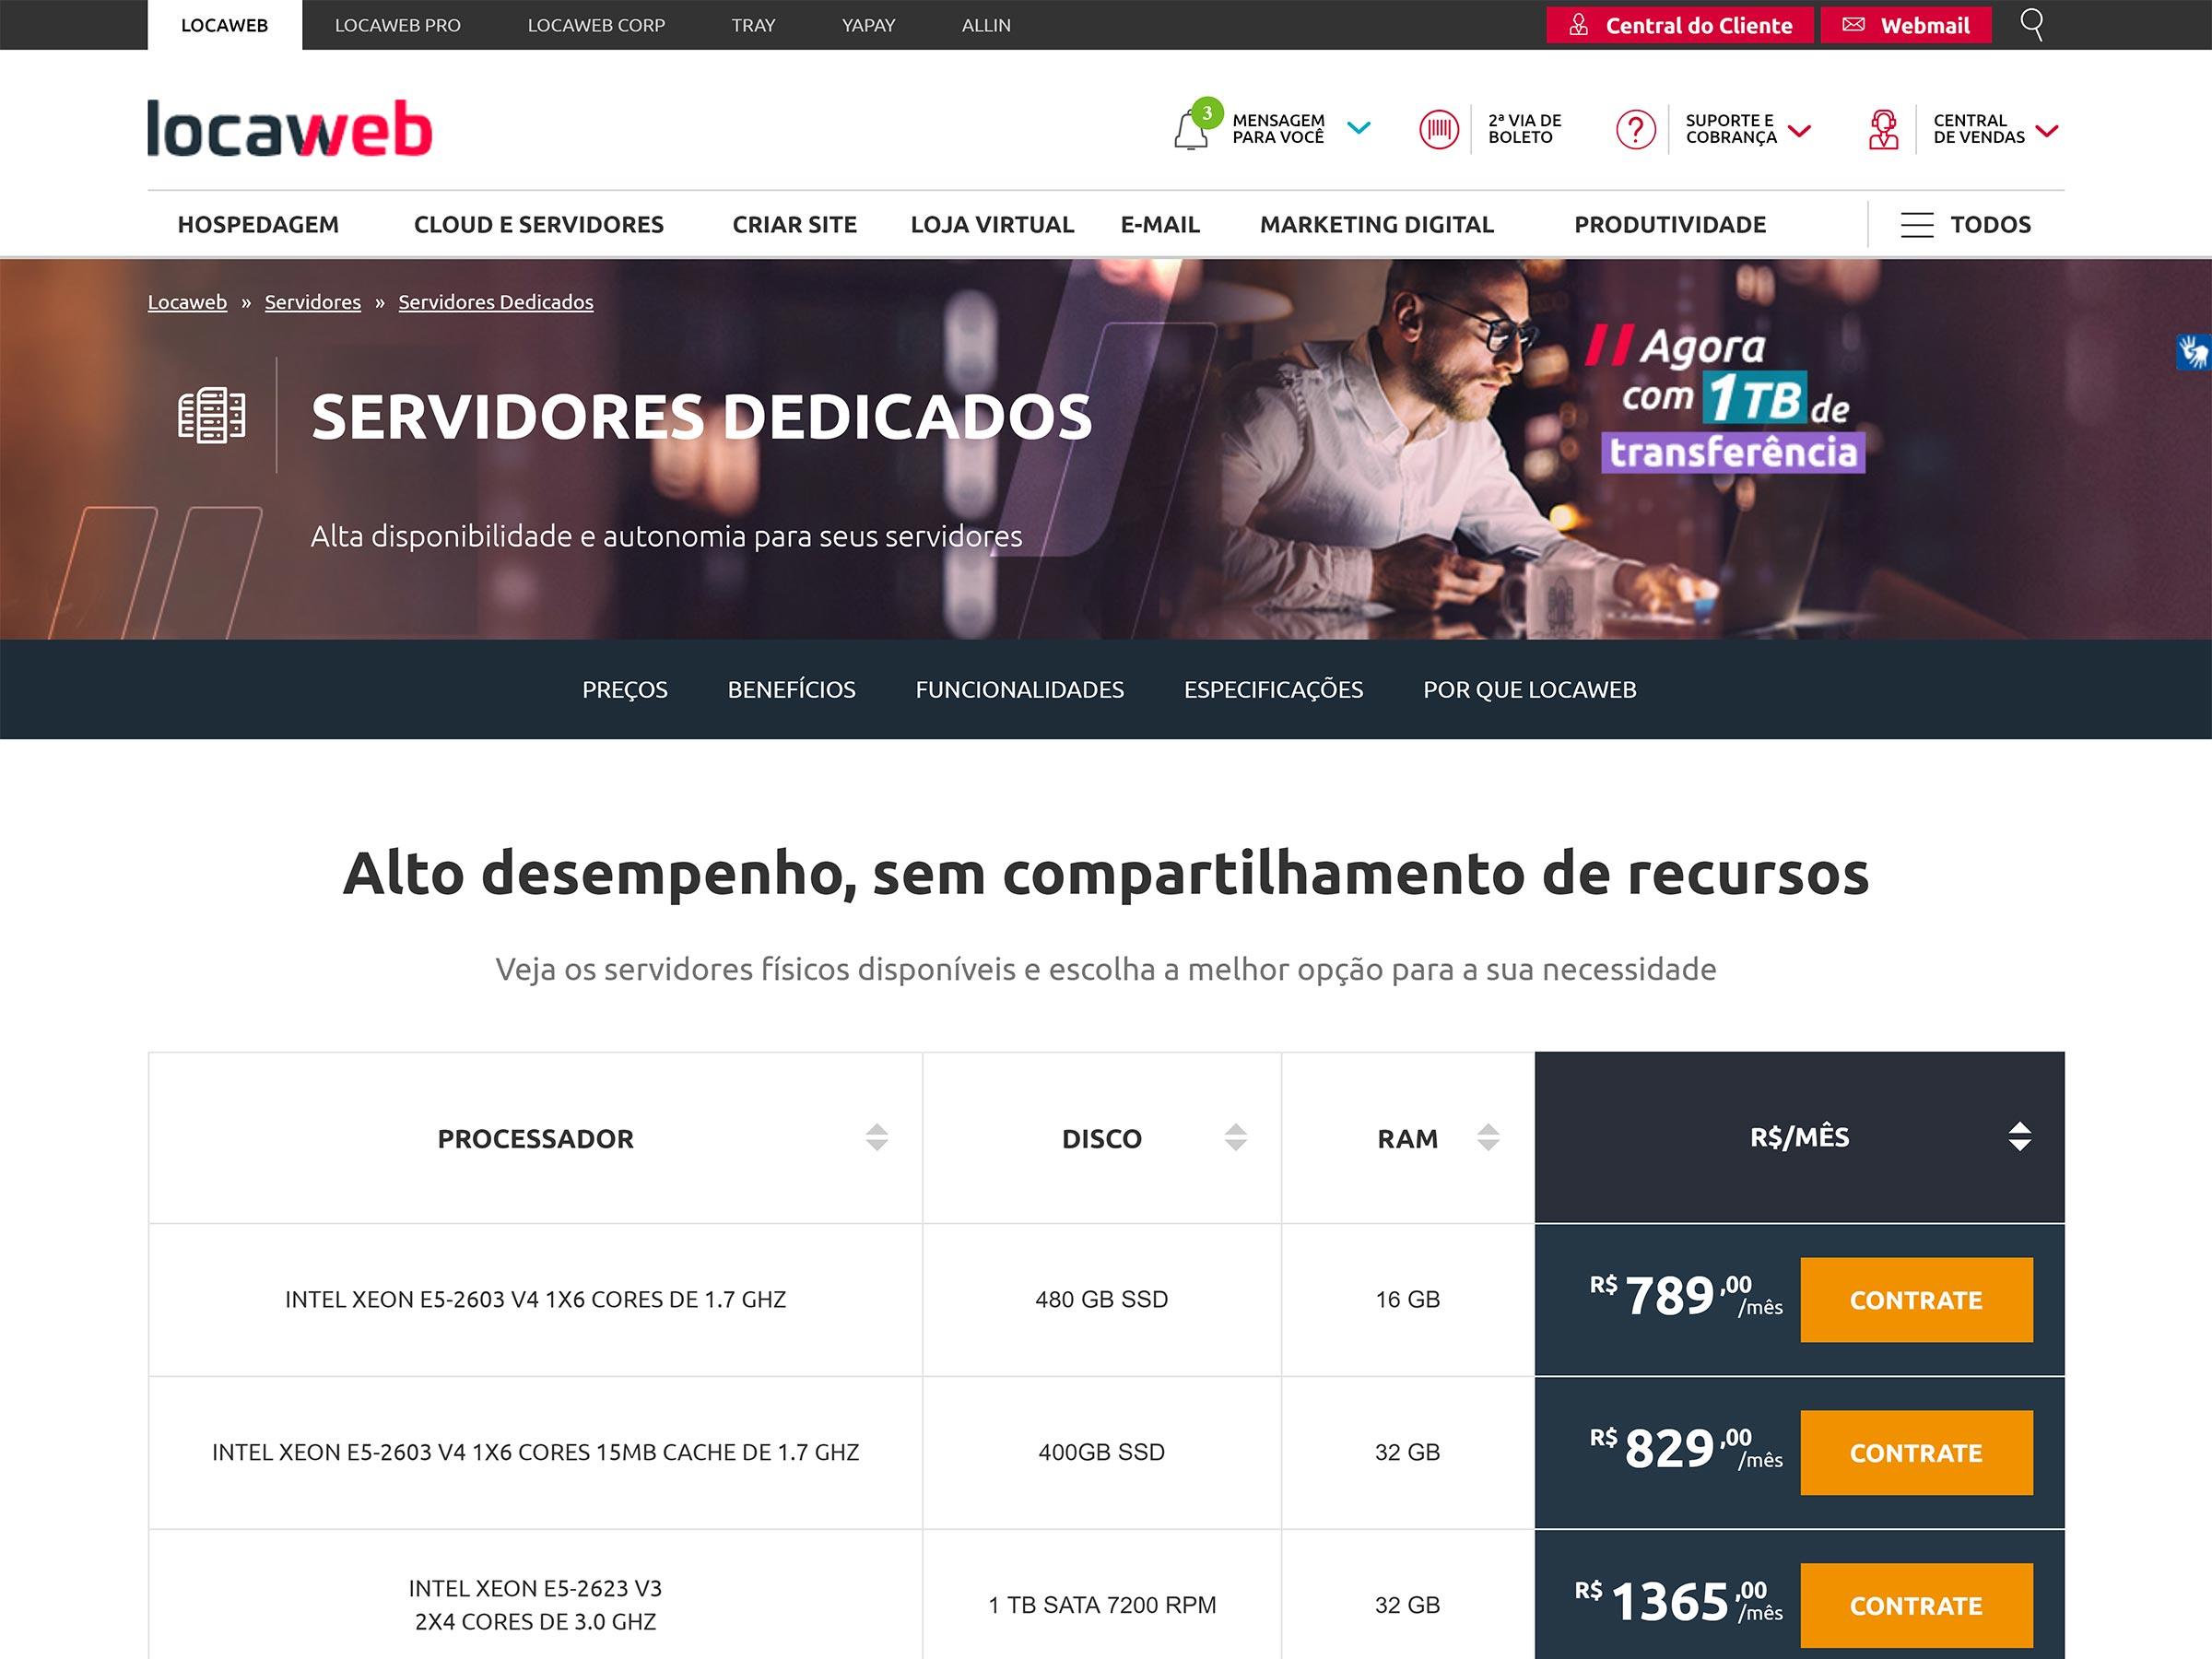 servidor dedicado locaweb